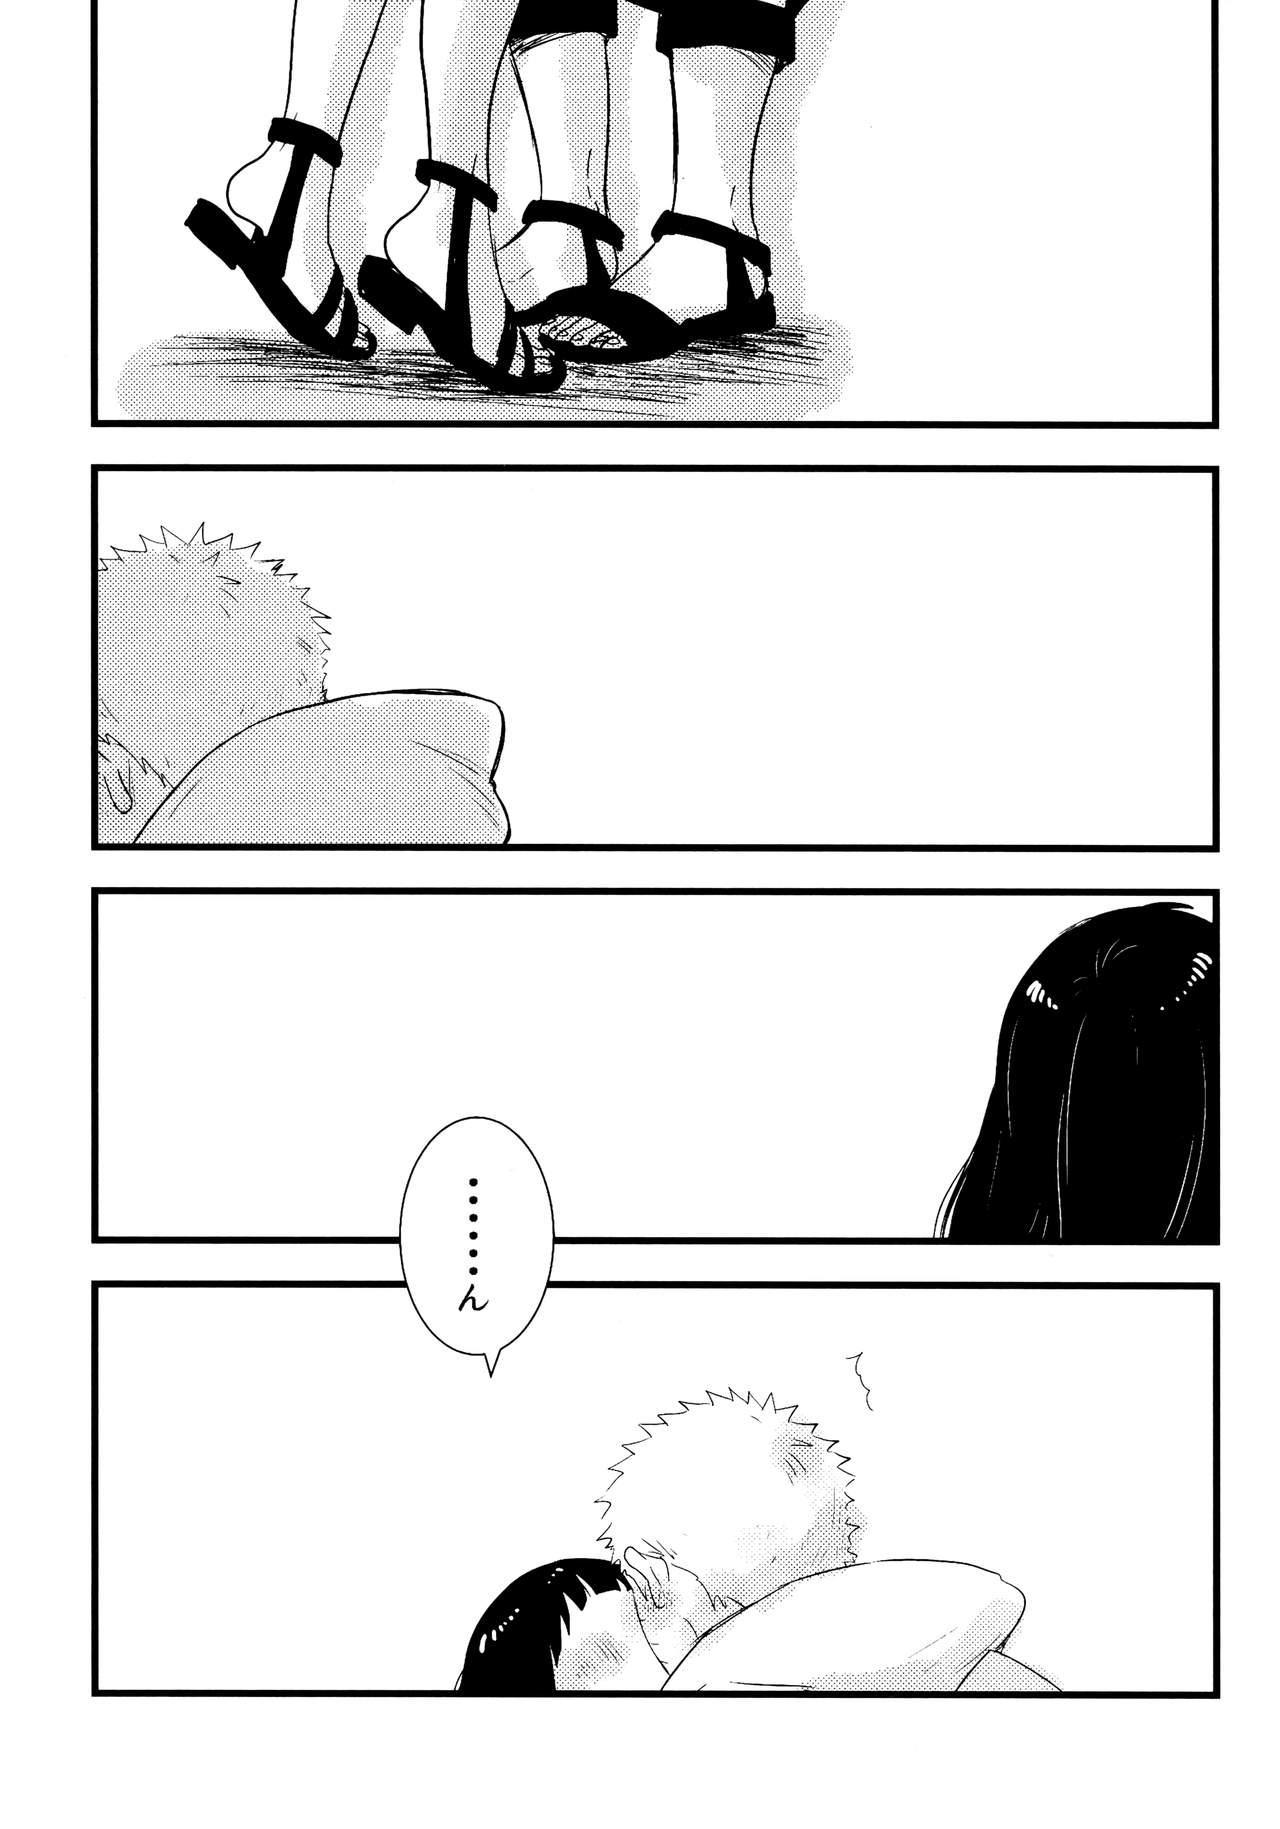 Koiwo Shiteiru Karada 1 + 2 4